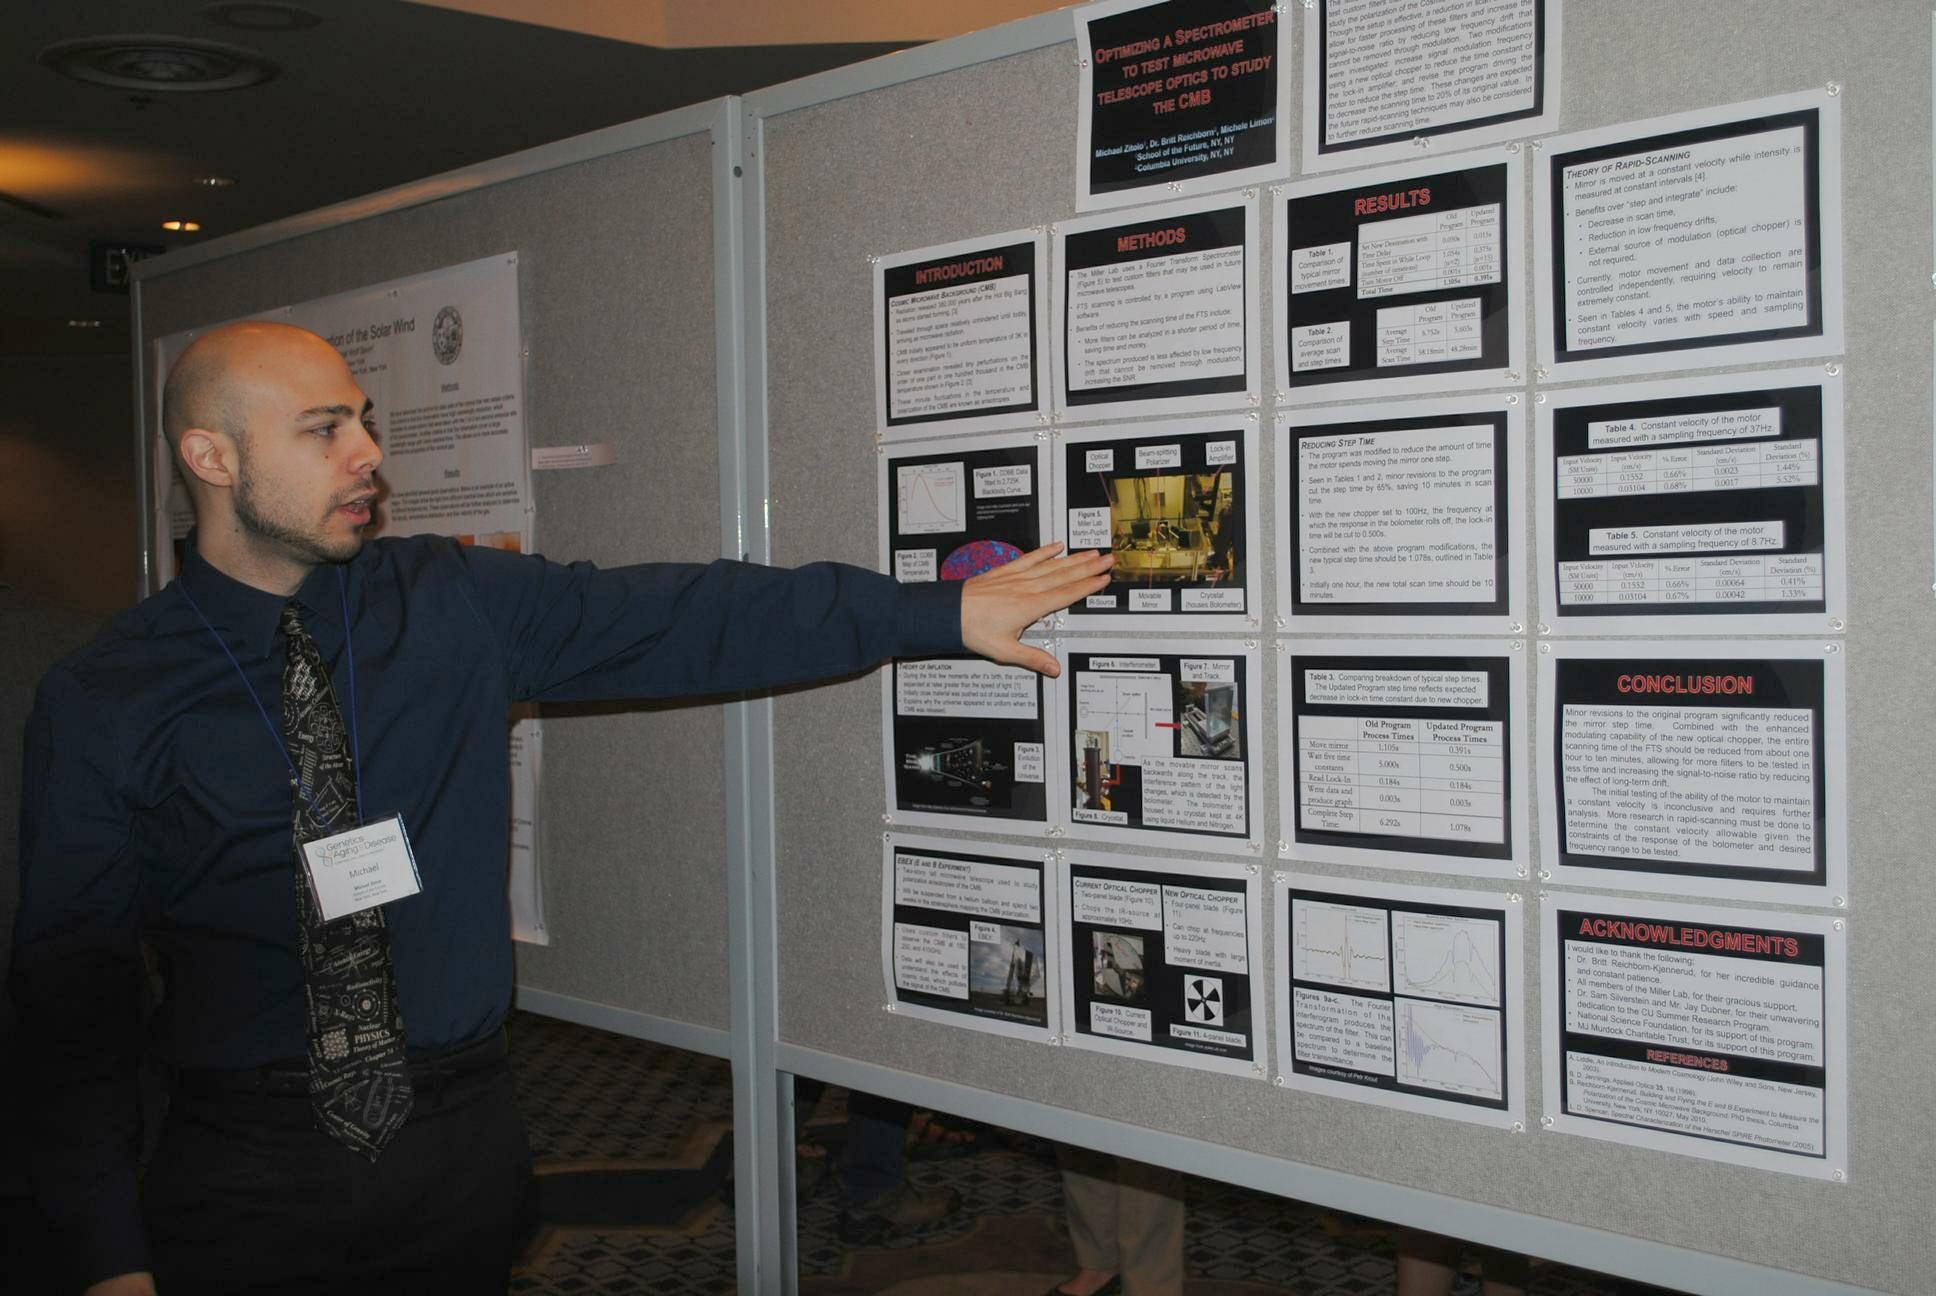 http://www.scienceteacherprogram.org/PIS2012/DSC_0912.JPG